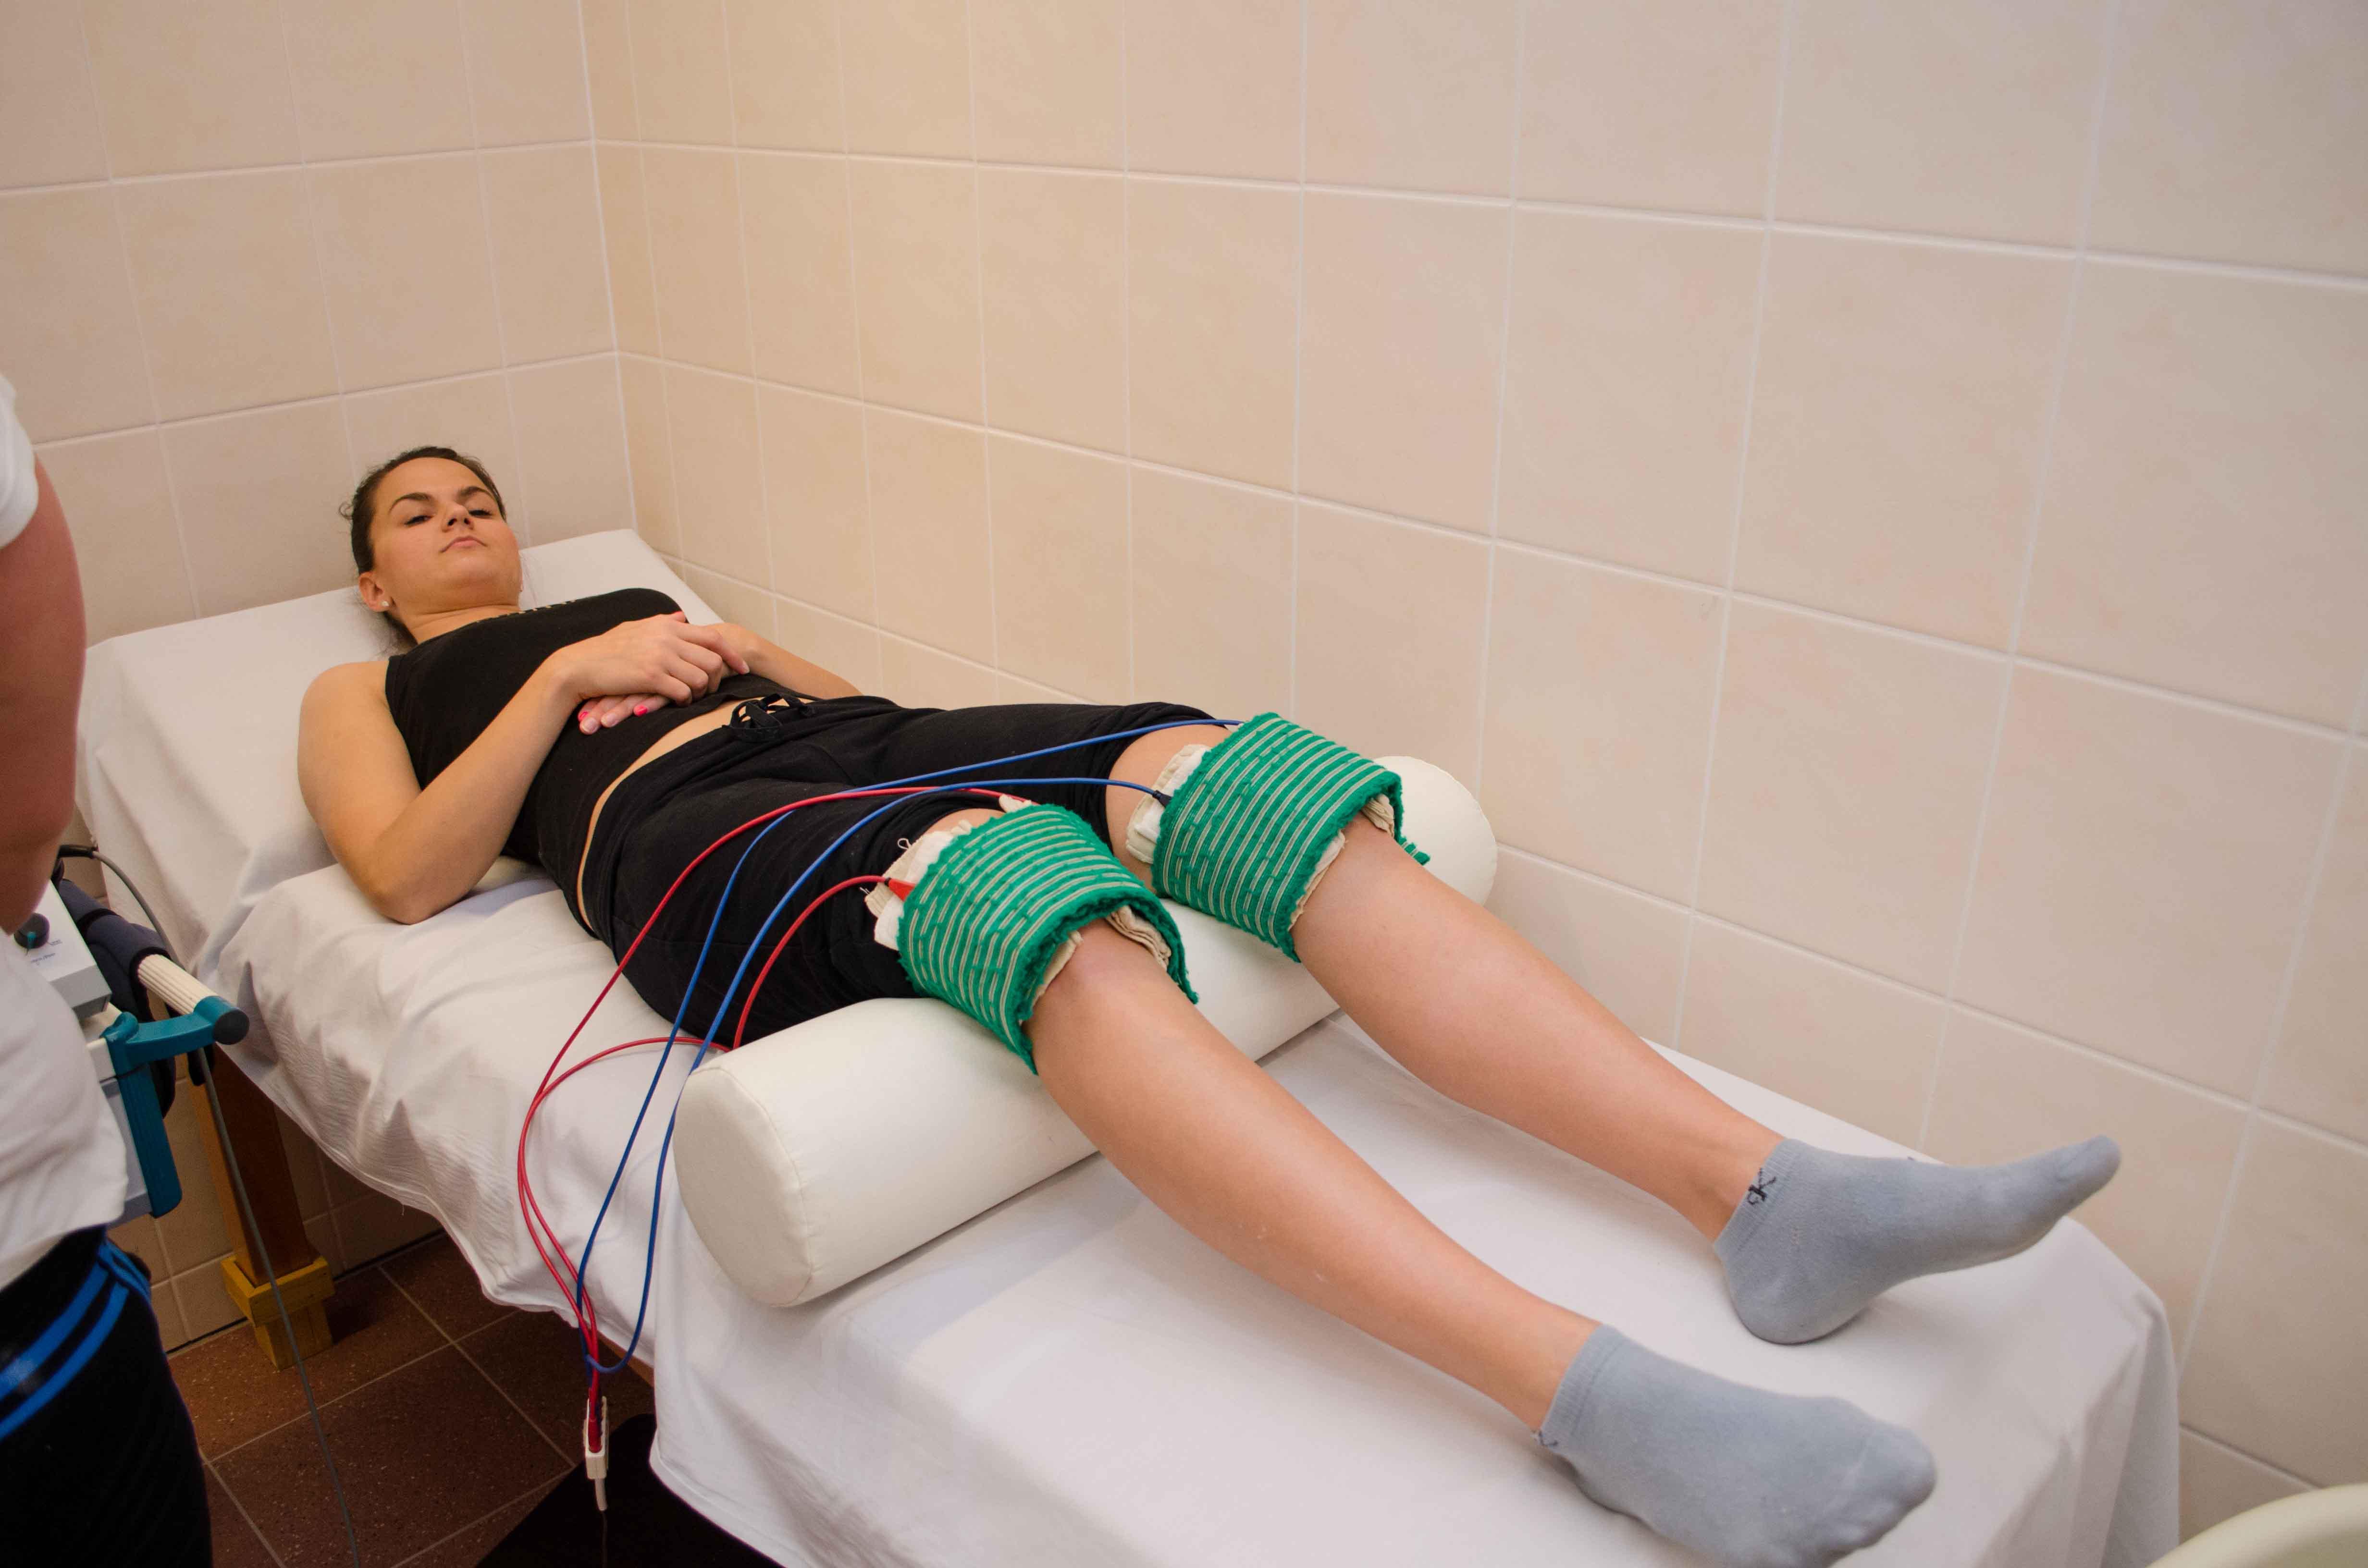 ízületi kezelés fizikai helyiségben a csípőízületben történő mozgatás során fellépő fájdalom okokat okoz